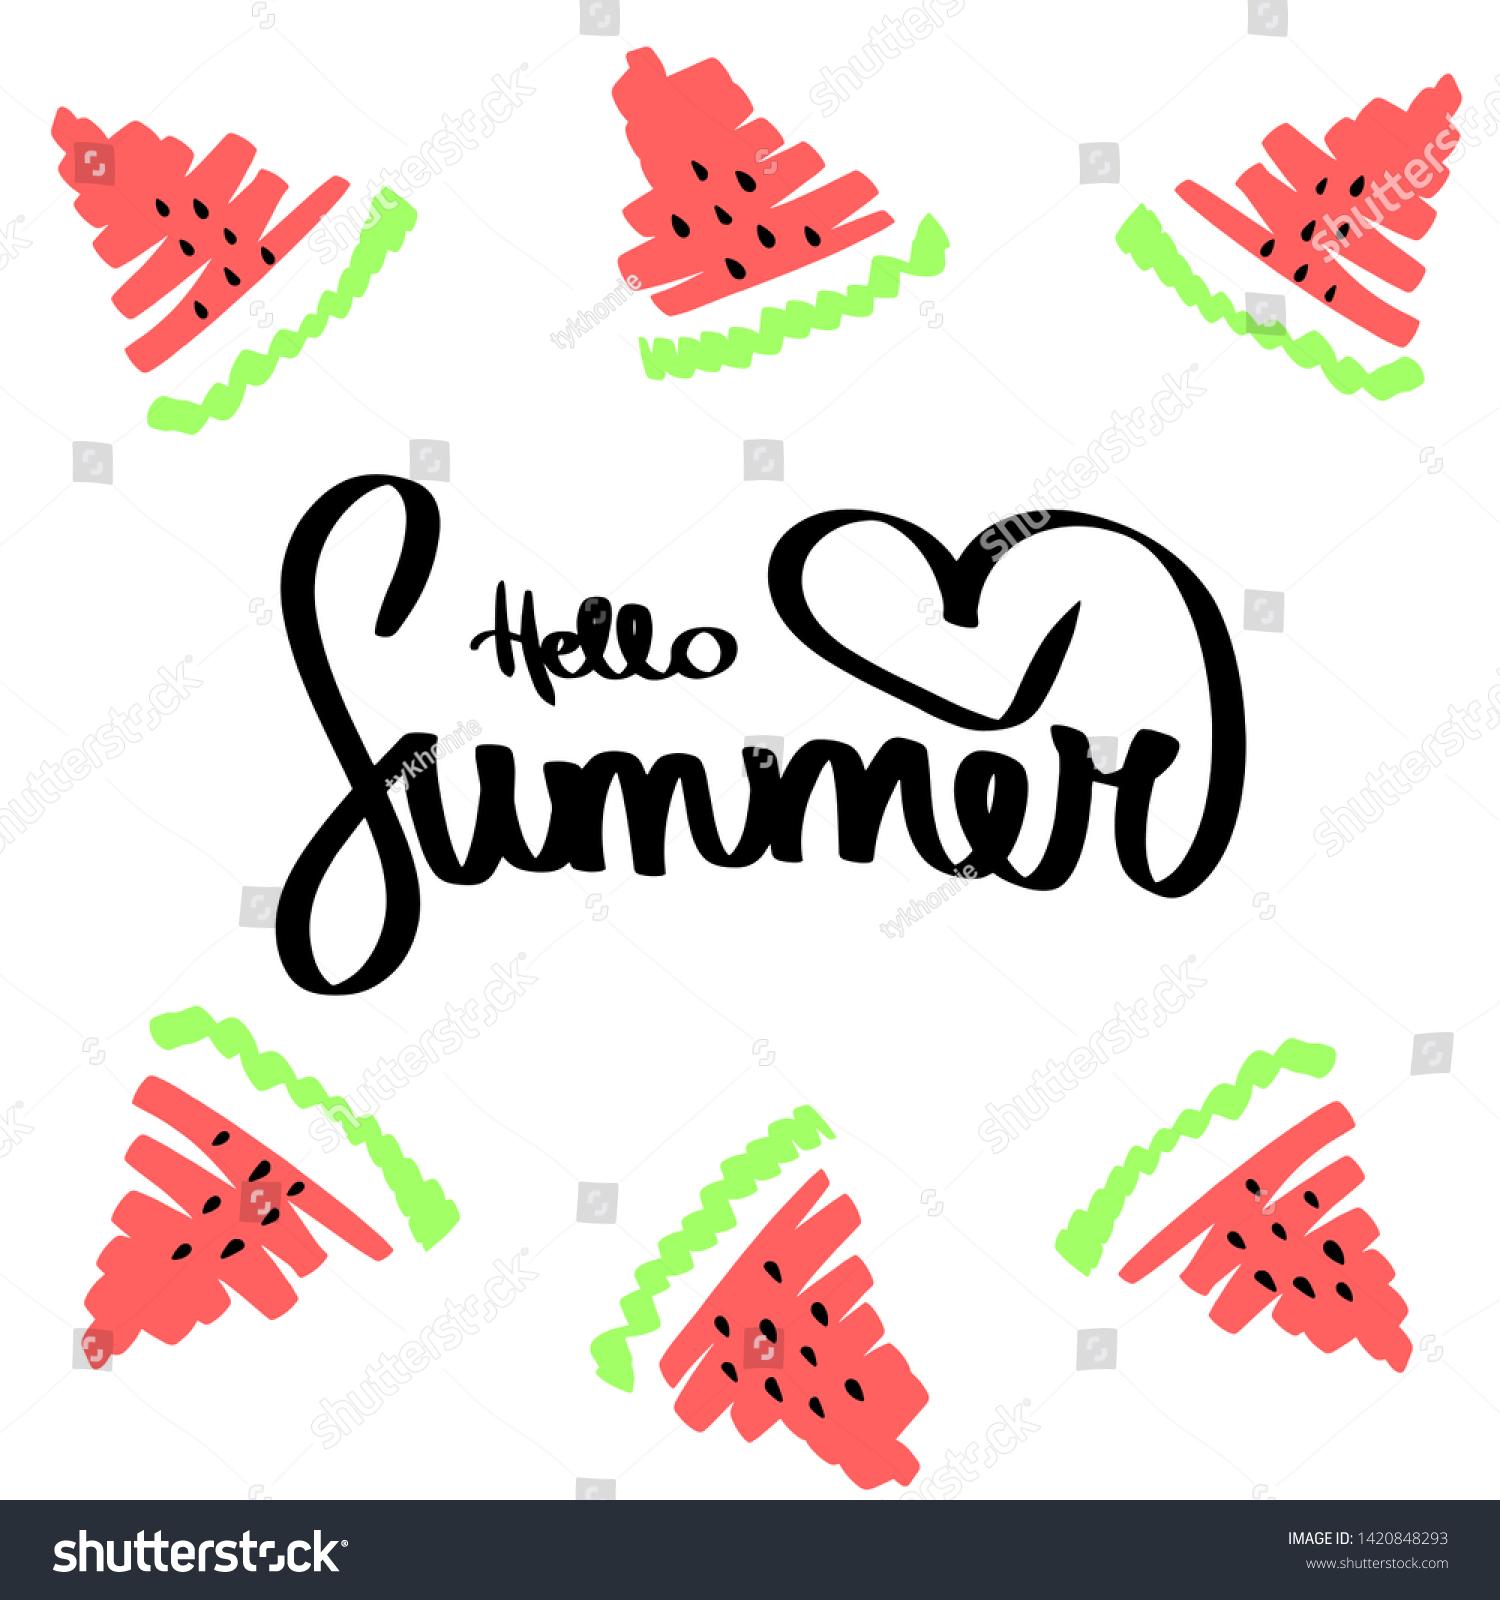 stock-vector-hello-summer-handwritten-in